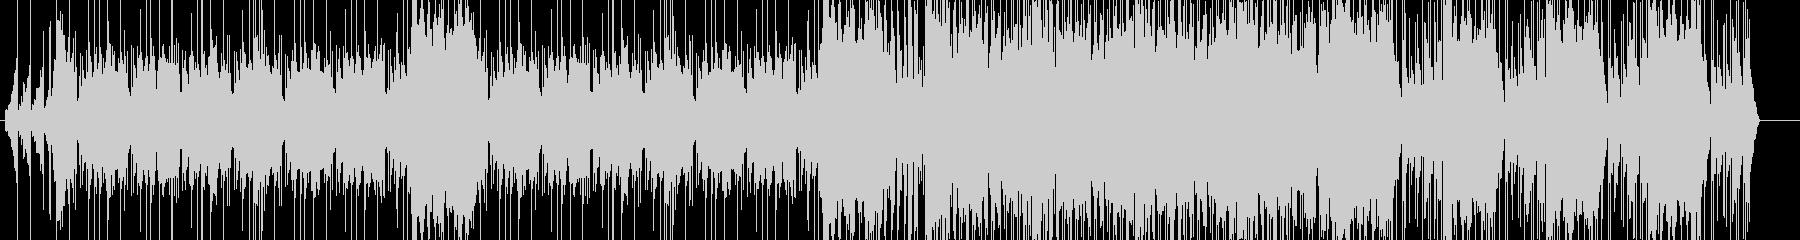 ◎超絶かっこいいオーケストラ機械グルーヴの未再生の波形